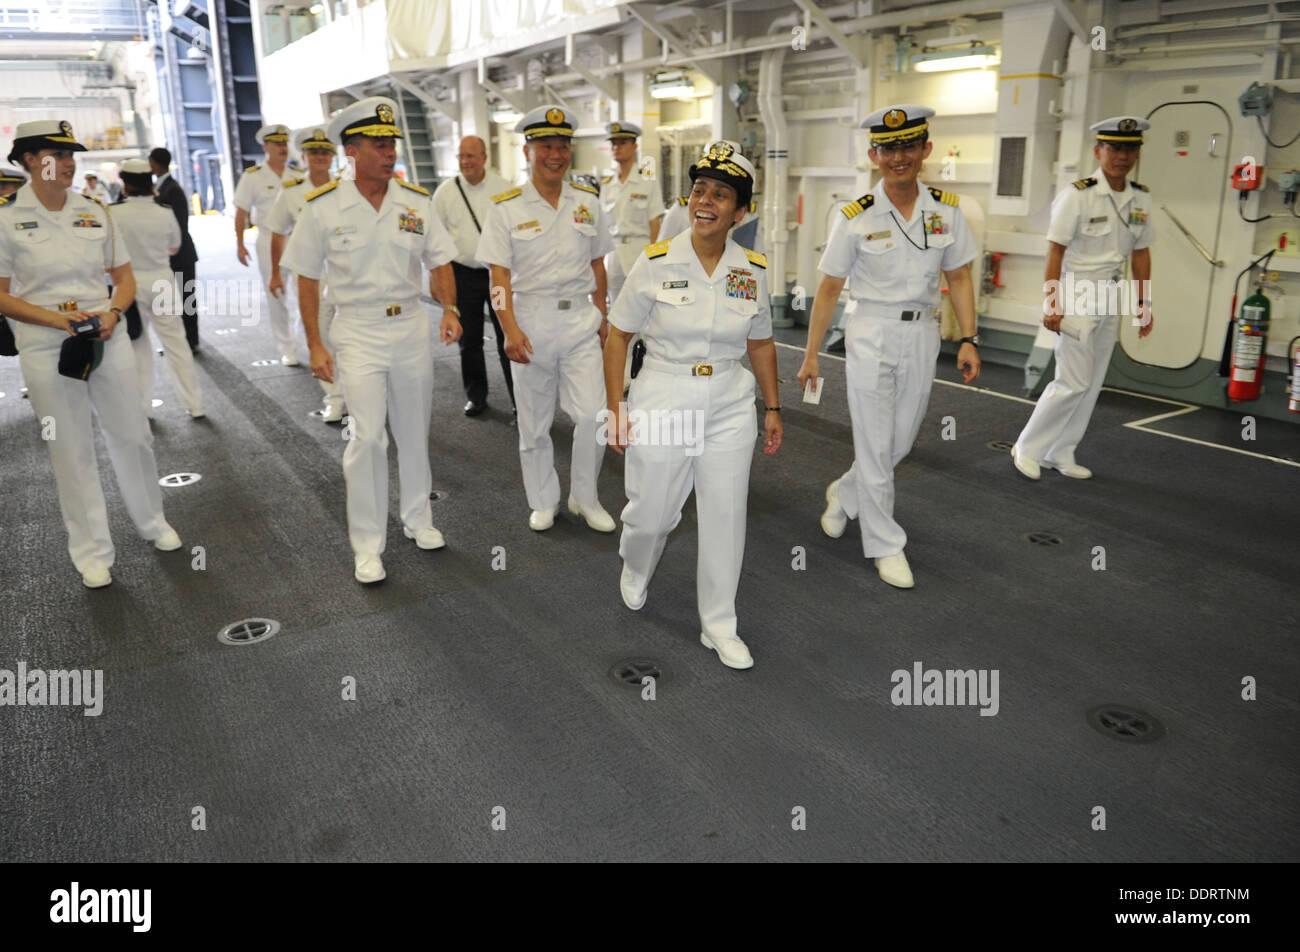 Touren von Tokio (3. September 2013) Vice Admiral Michelle Howard, Deputy Chief of Naval Operations für Operationen, Pläne und Strategie, die Stockbild